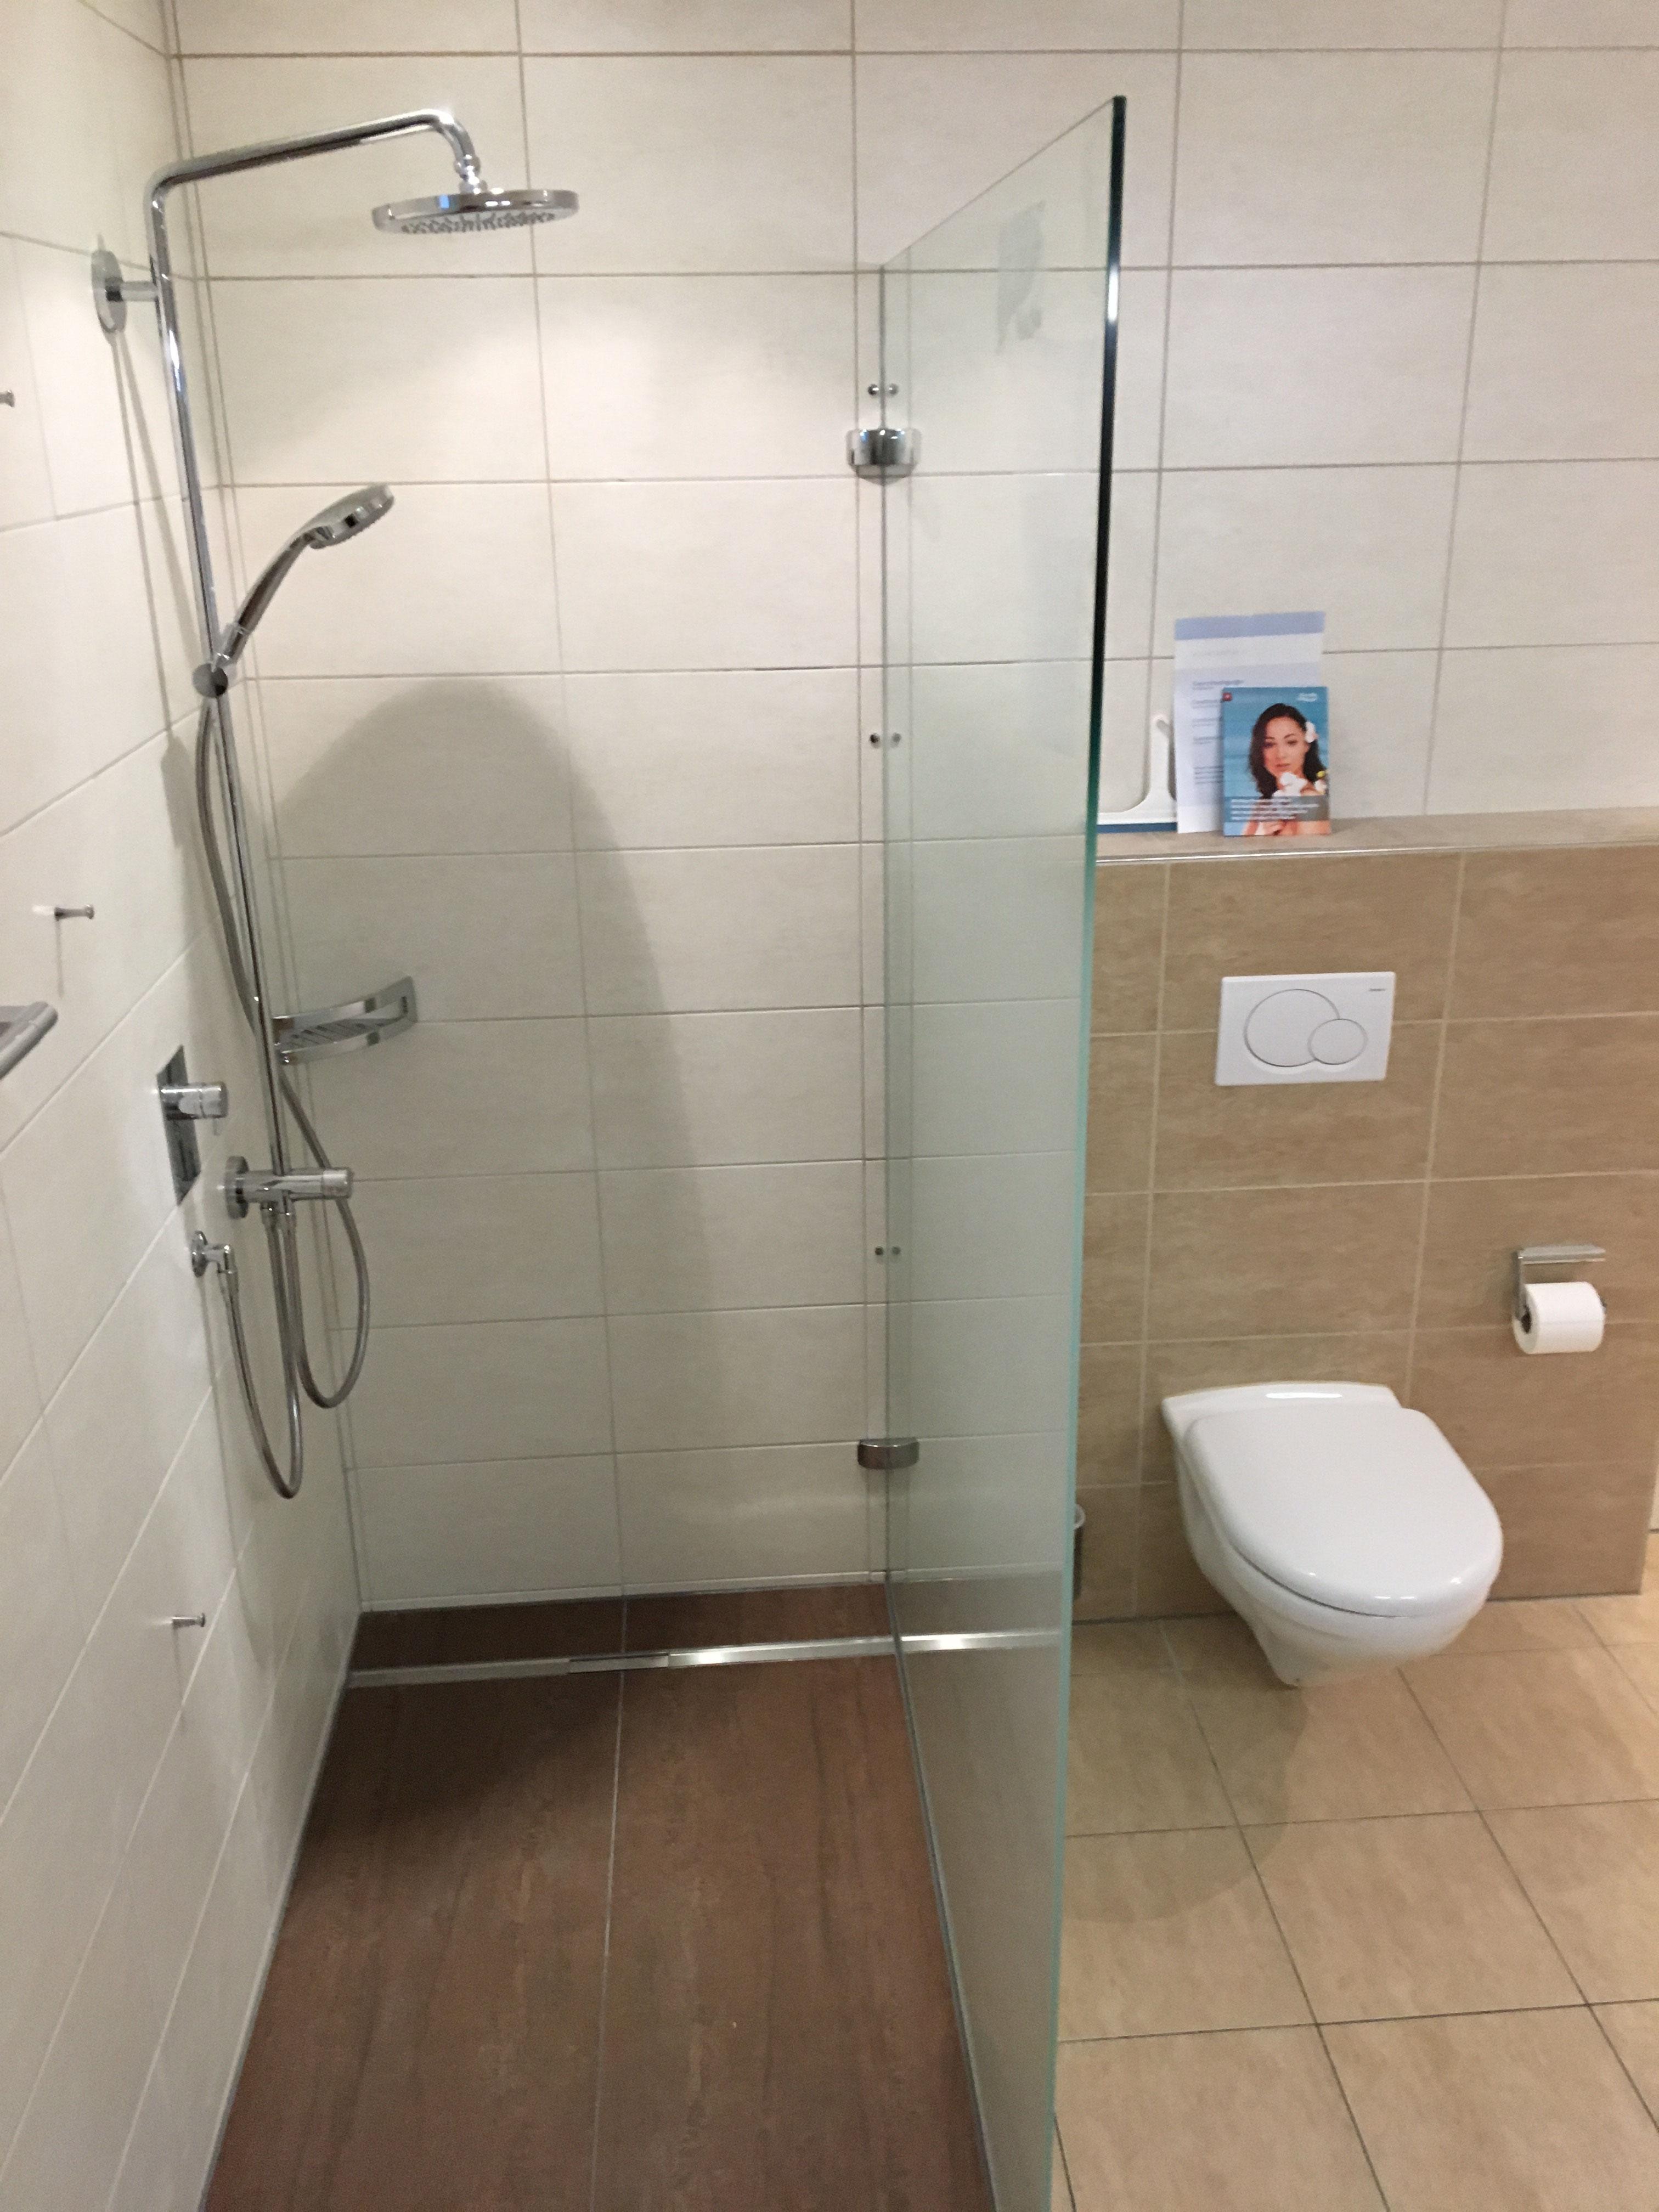 aus kleiner dusche wird walk-in lösung - reusstal-expresss jimdo-page!